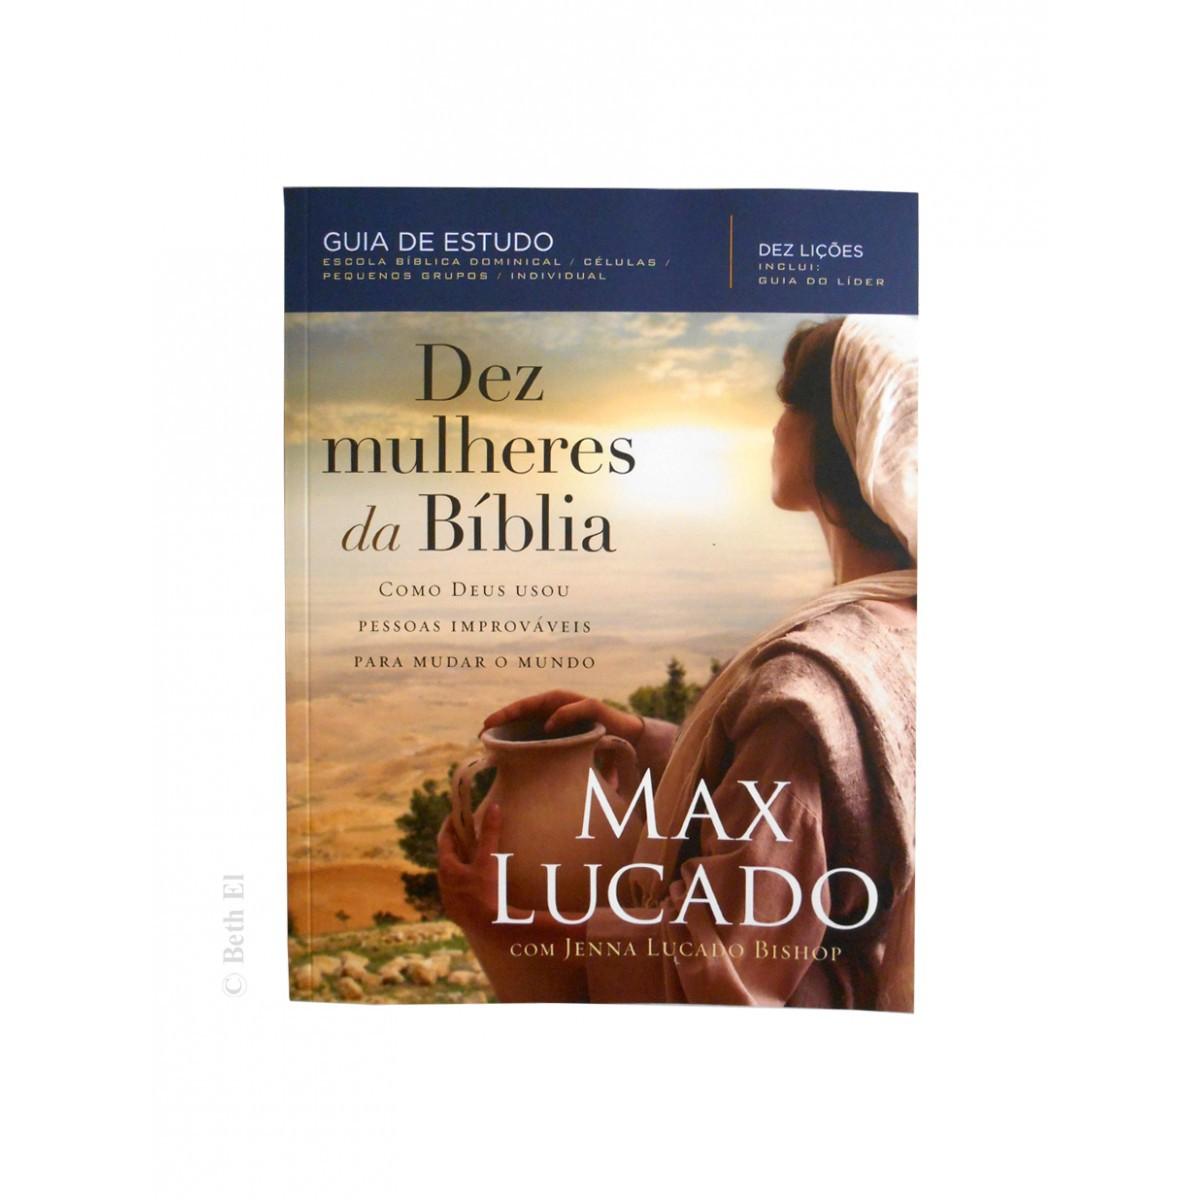 Livro Dez Mulheres da Bíblia - Guia de Estudo